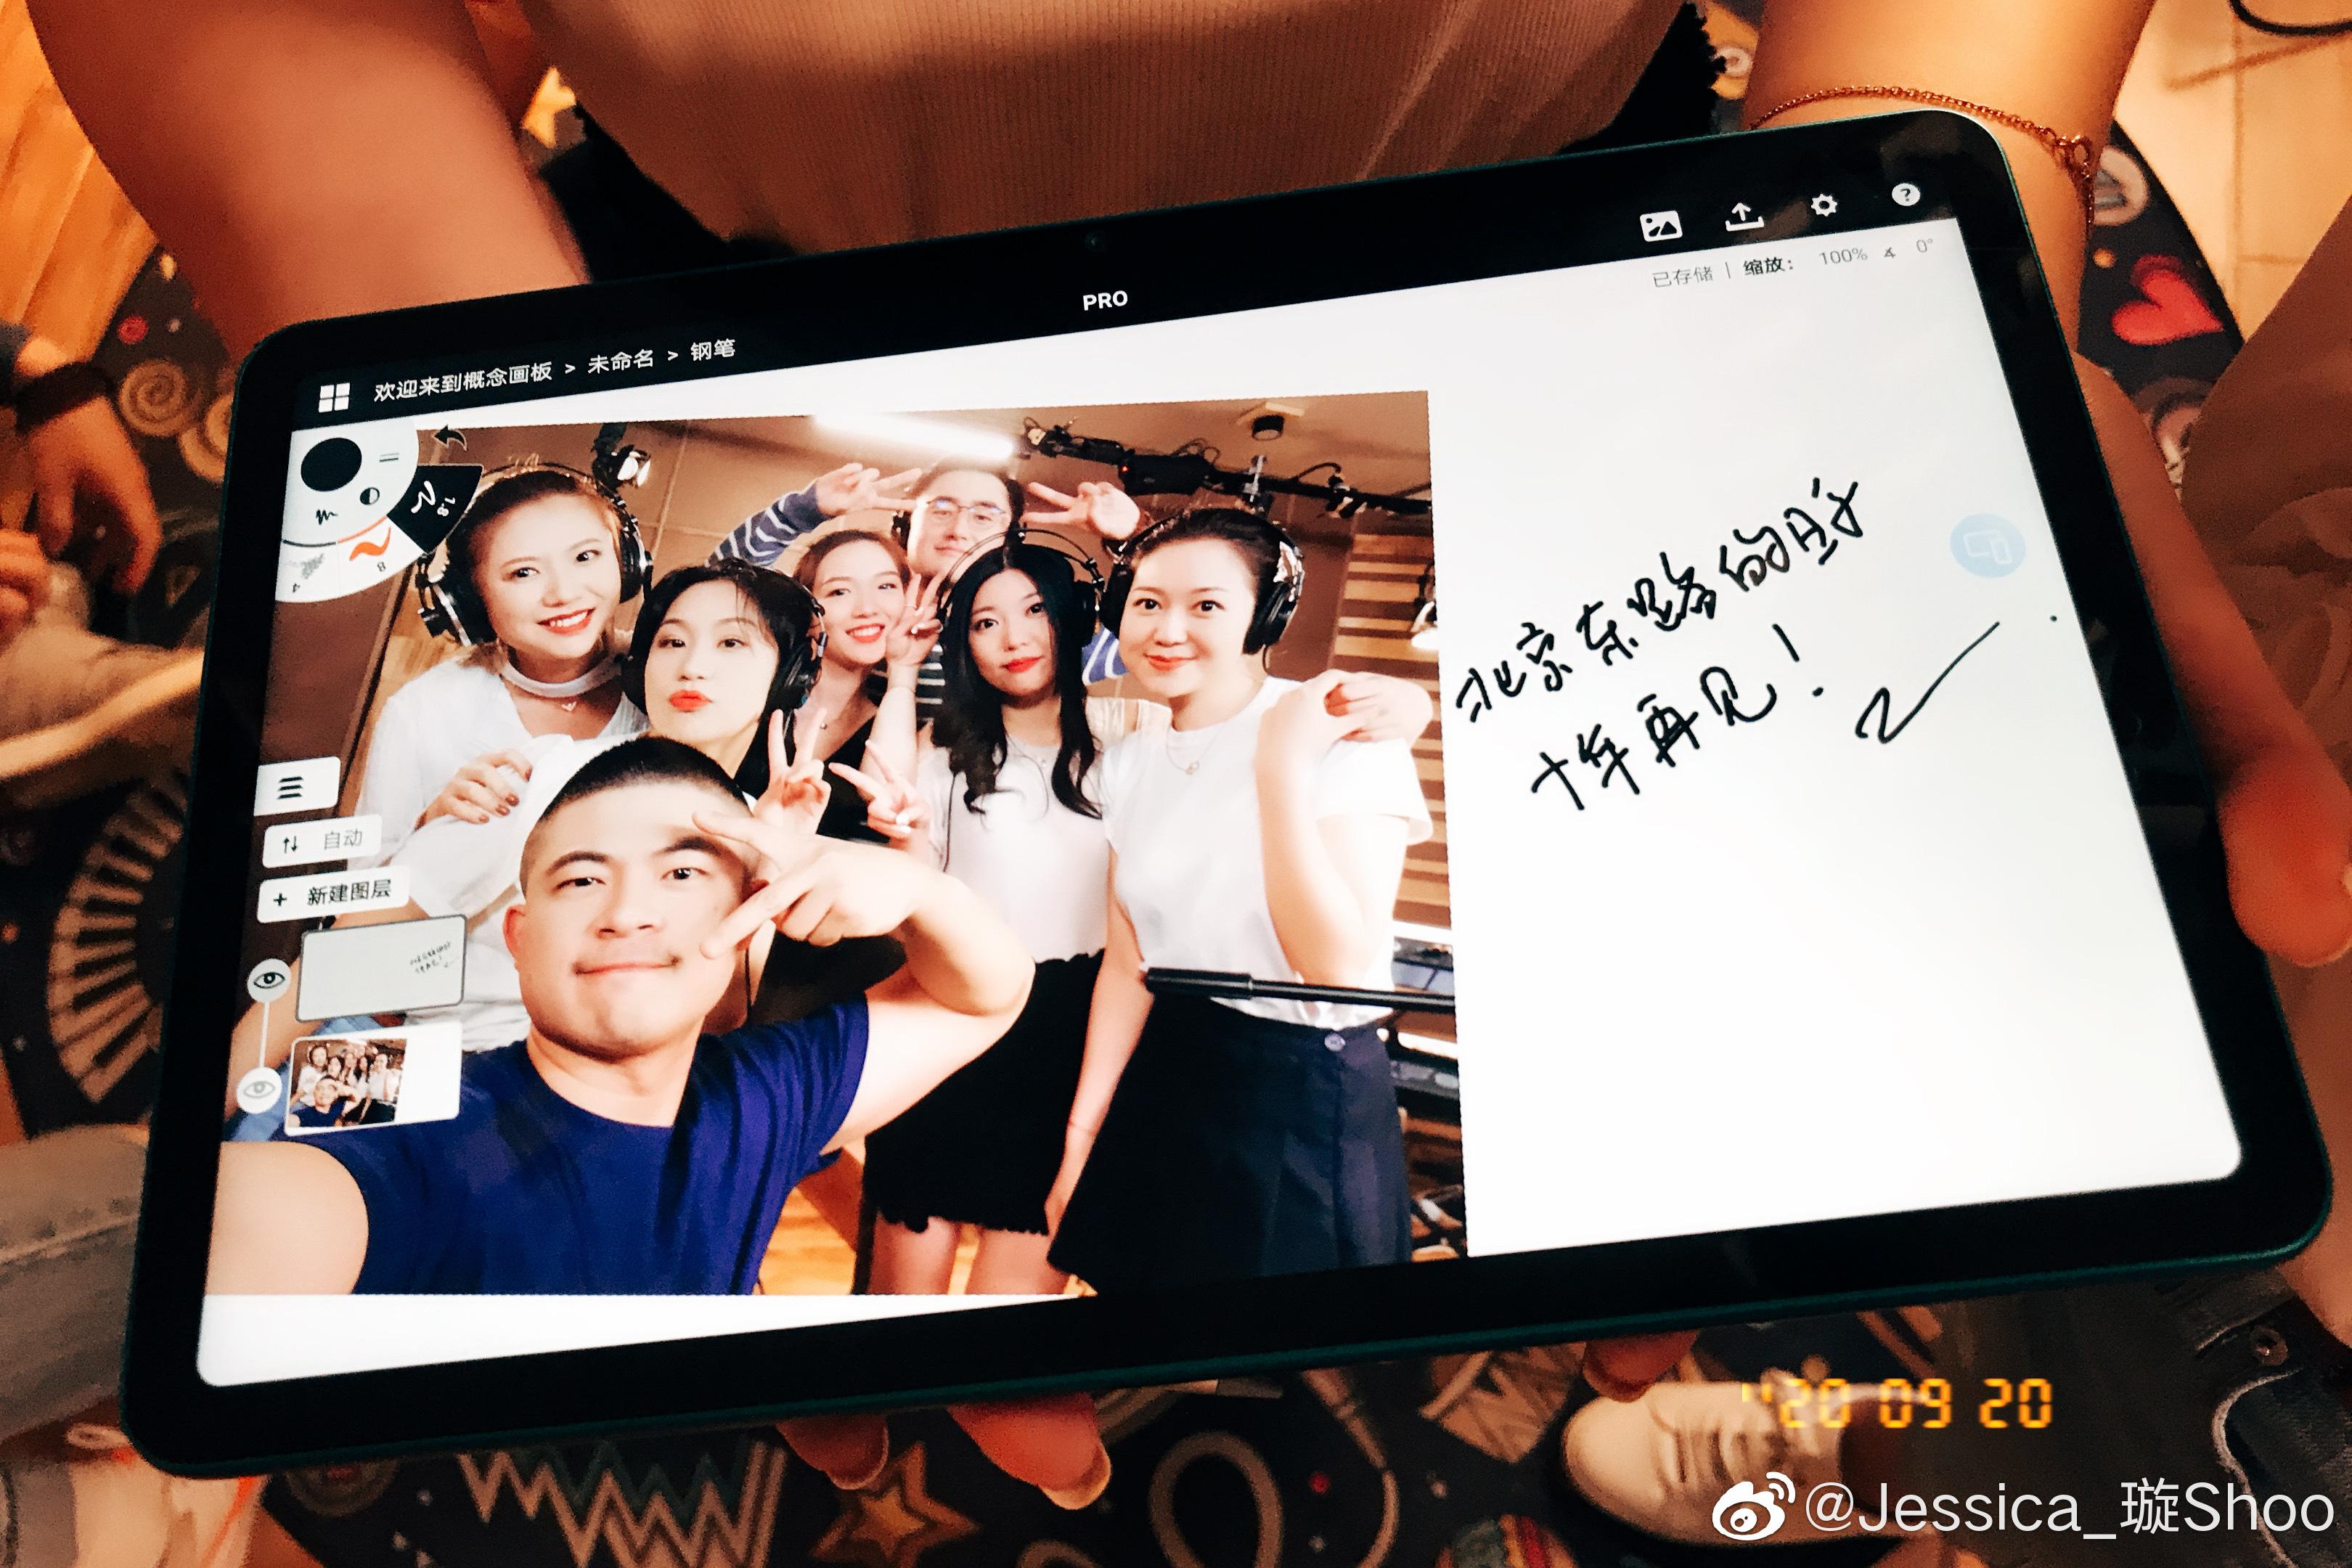 《北京东路的日子》十年再聚,2010版与2020版对比